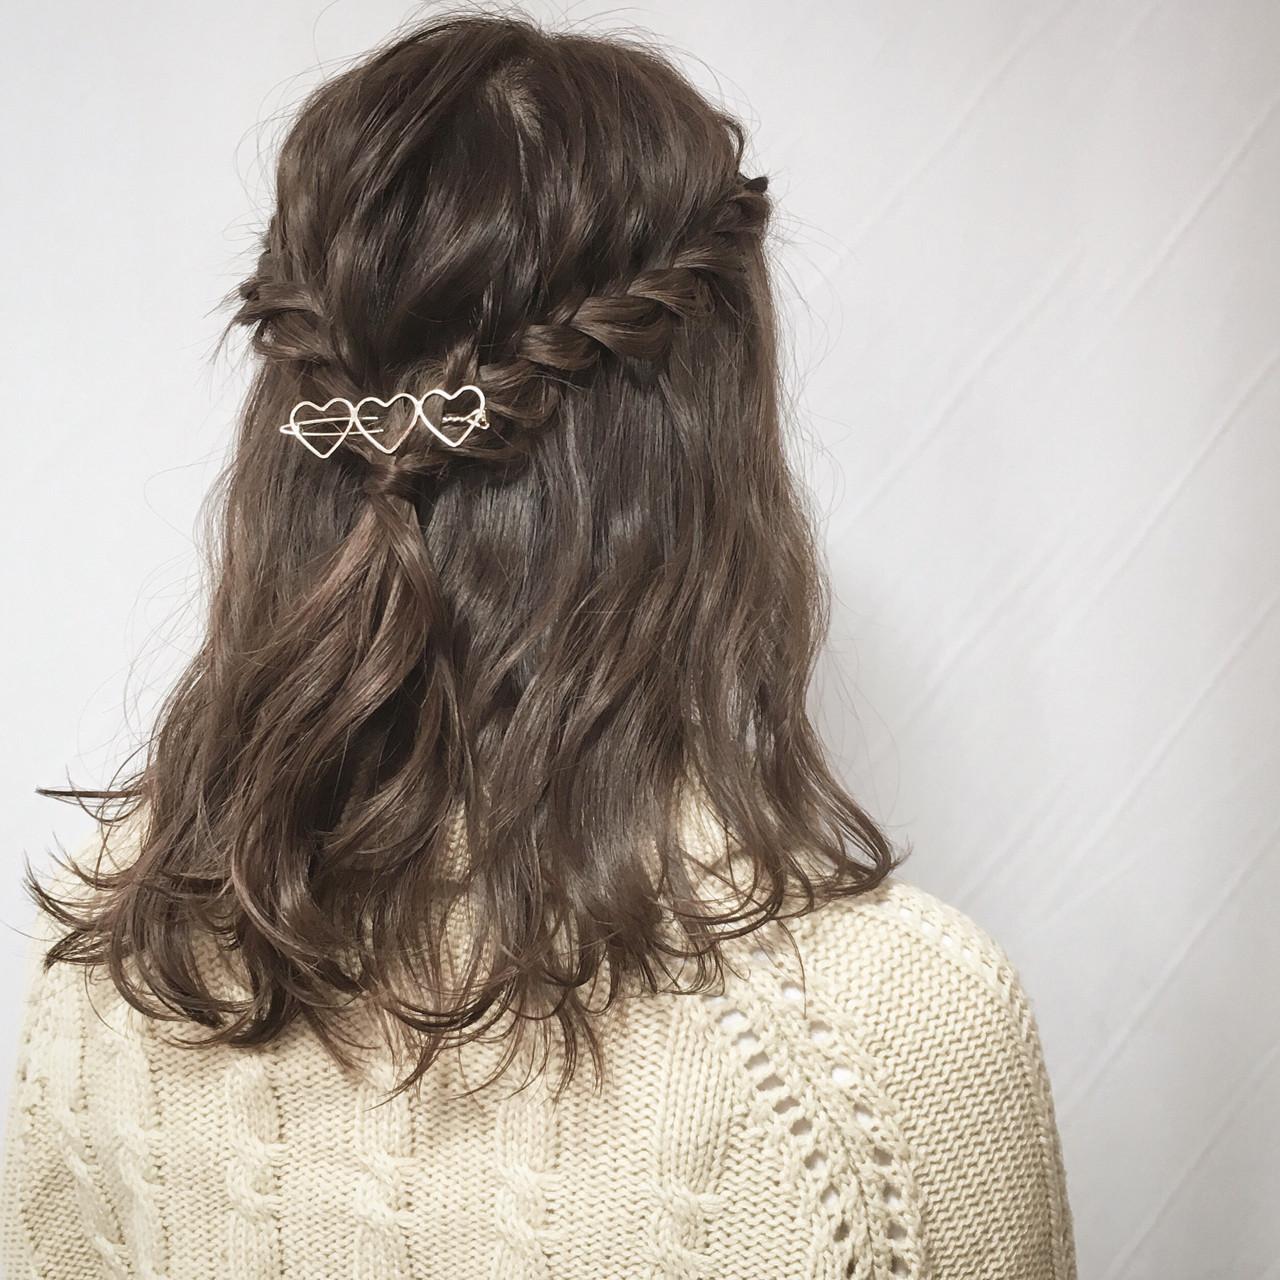 ガーリー 簡単ヘアアレンジ ミディアム 編み込み ヘアスタイルや髪型の写真・画像